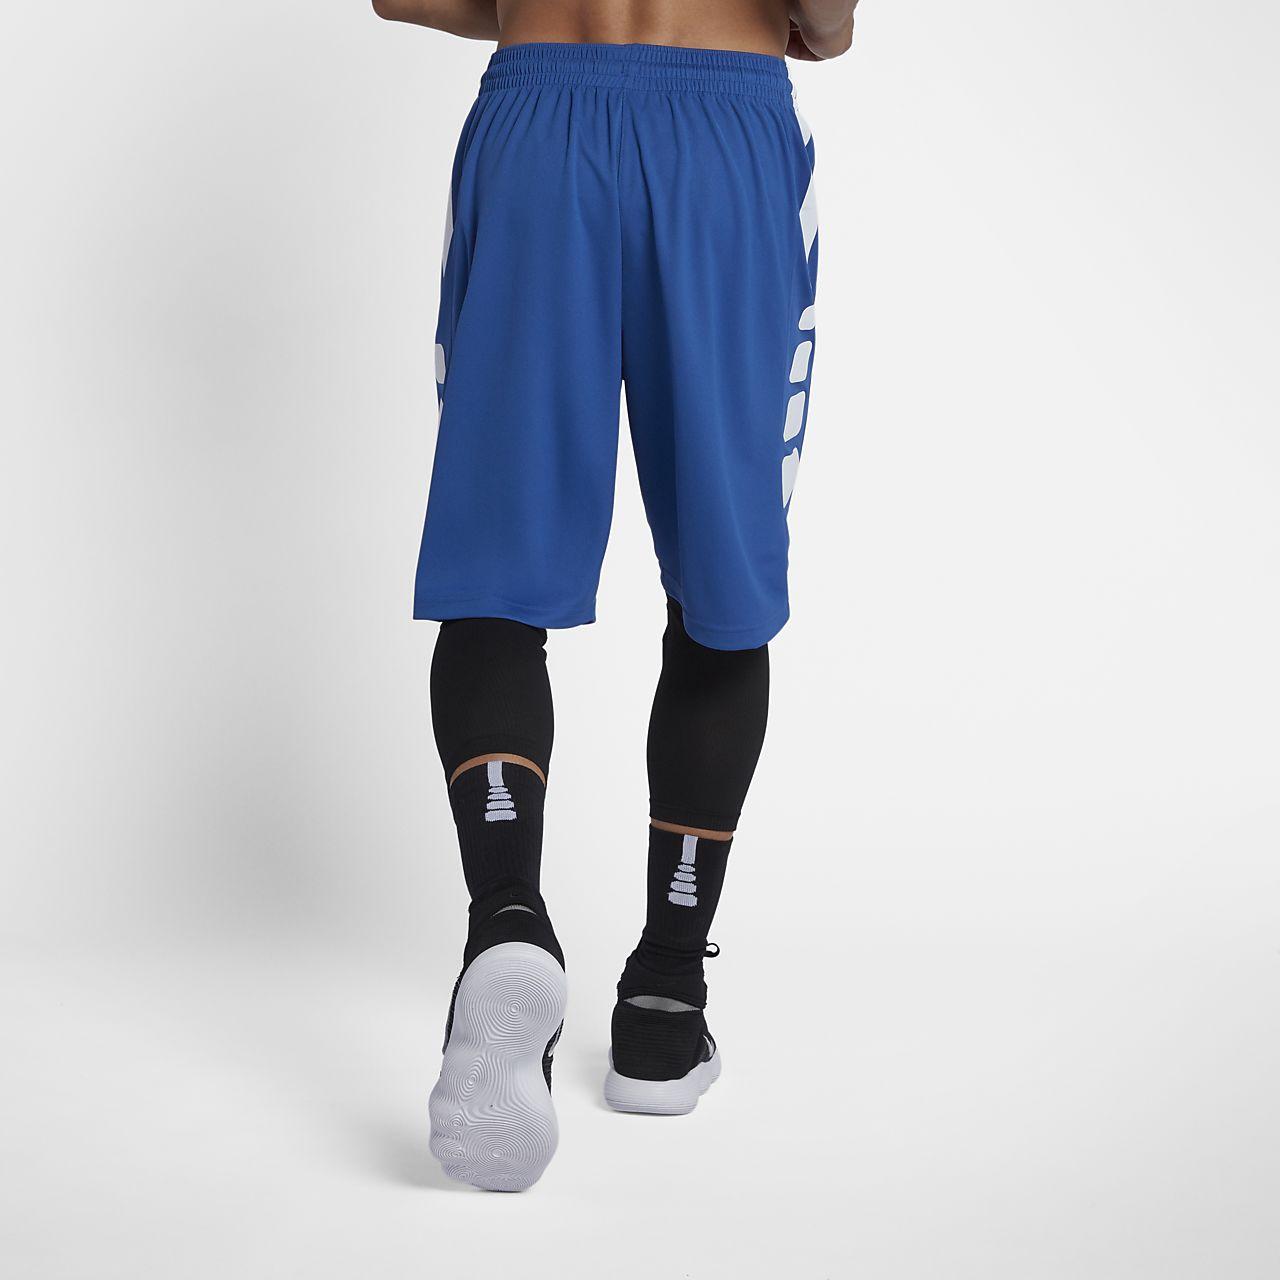 6f3af5e6d3d8 Nike Practice Elite Men s 11